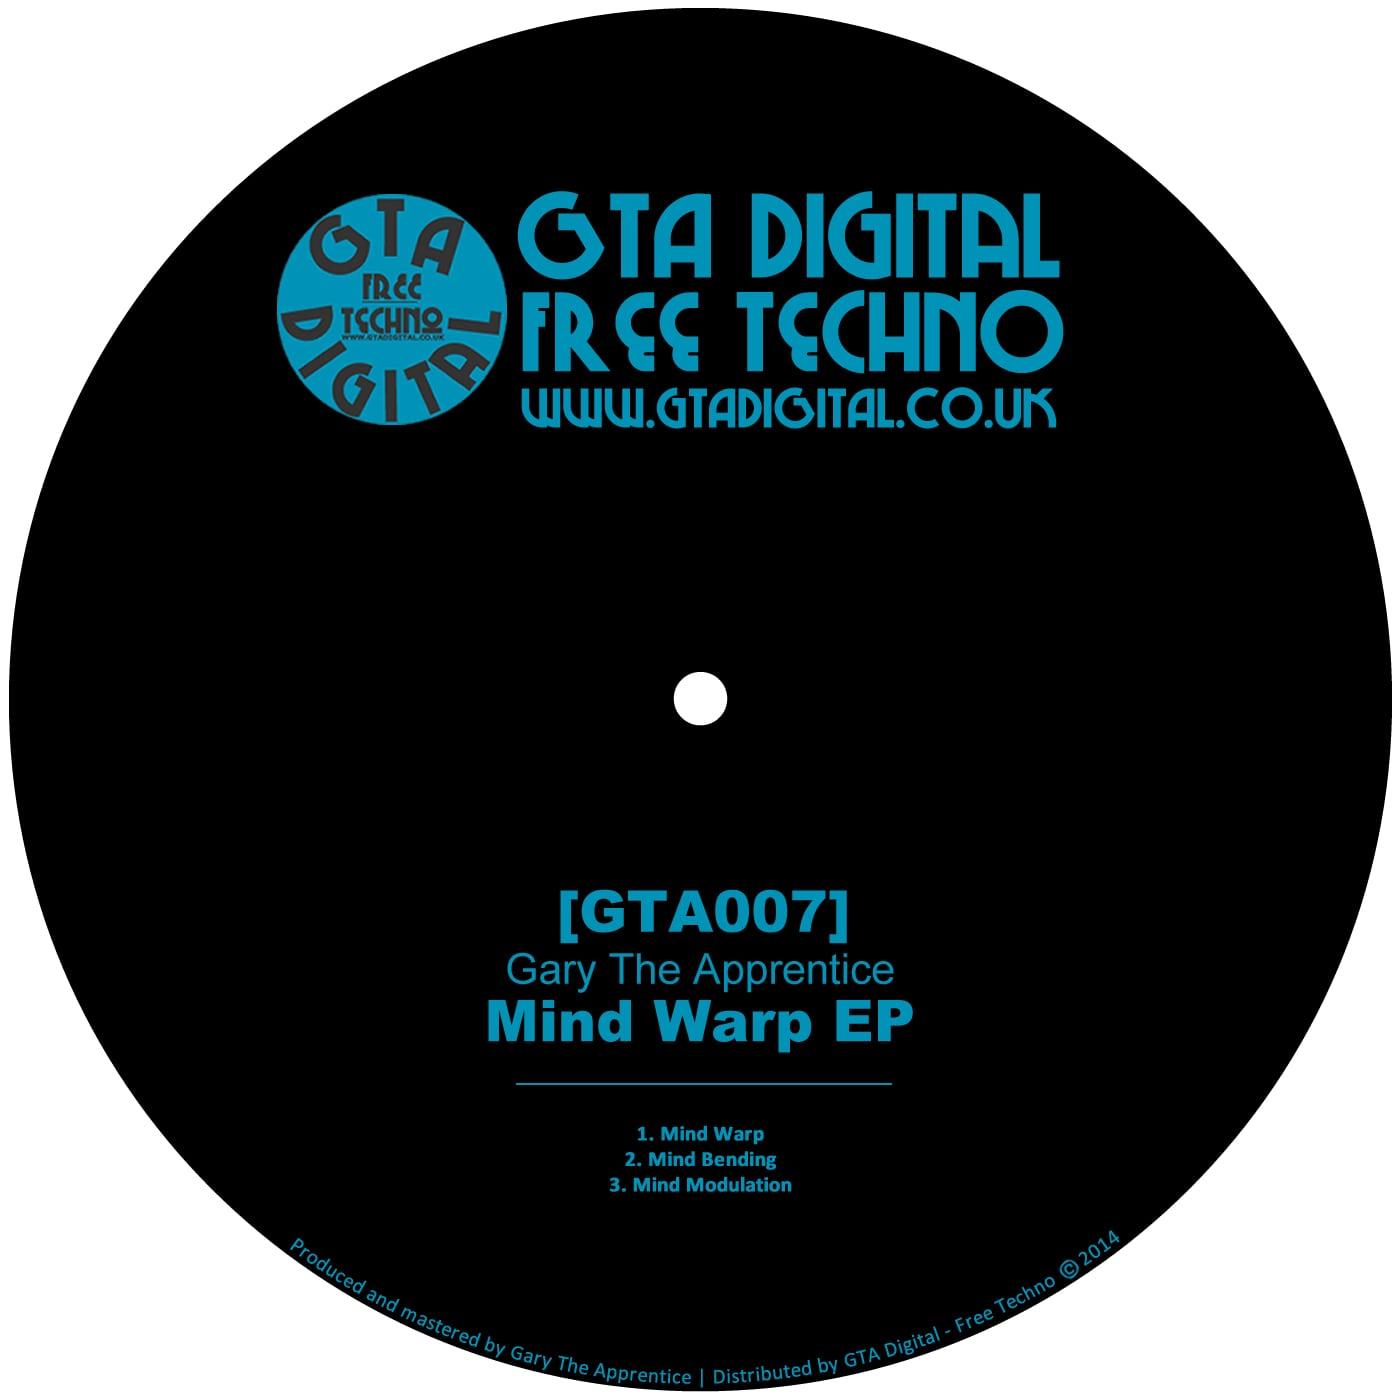 Mind Warp EP